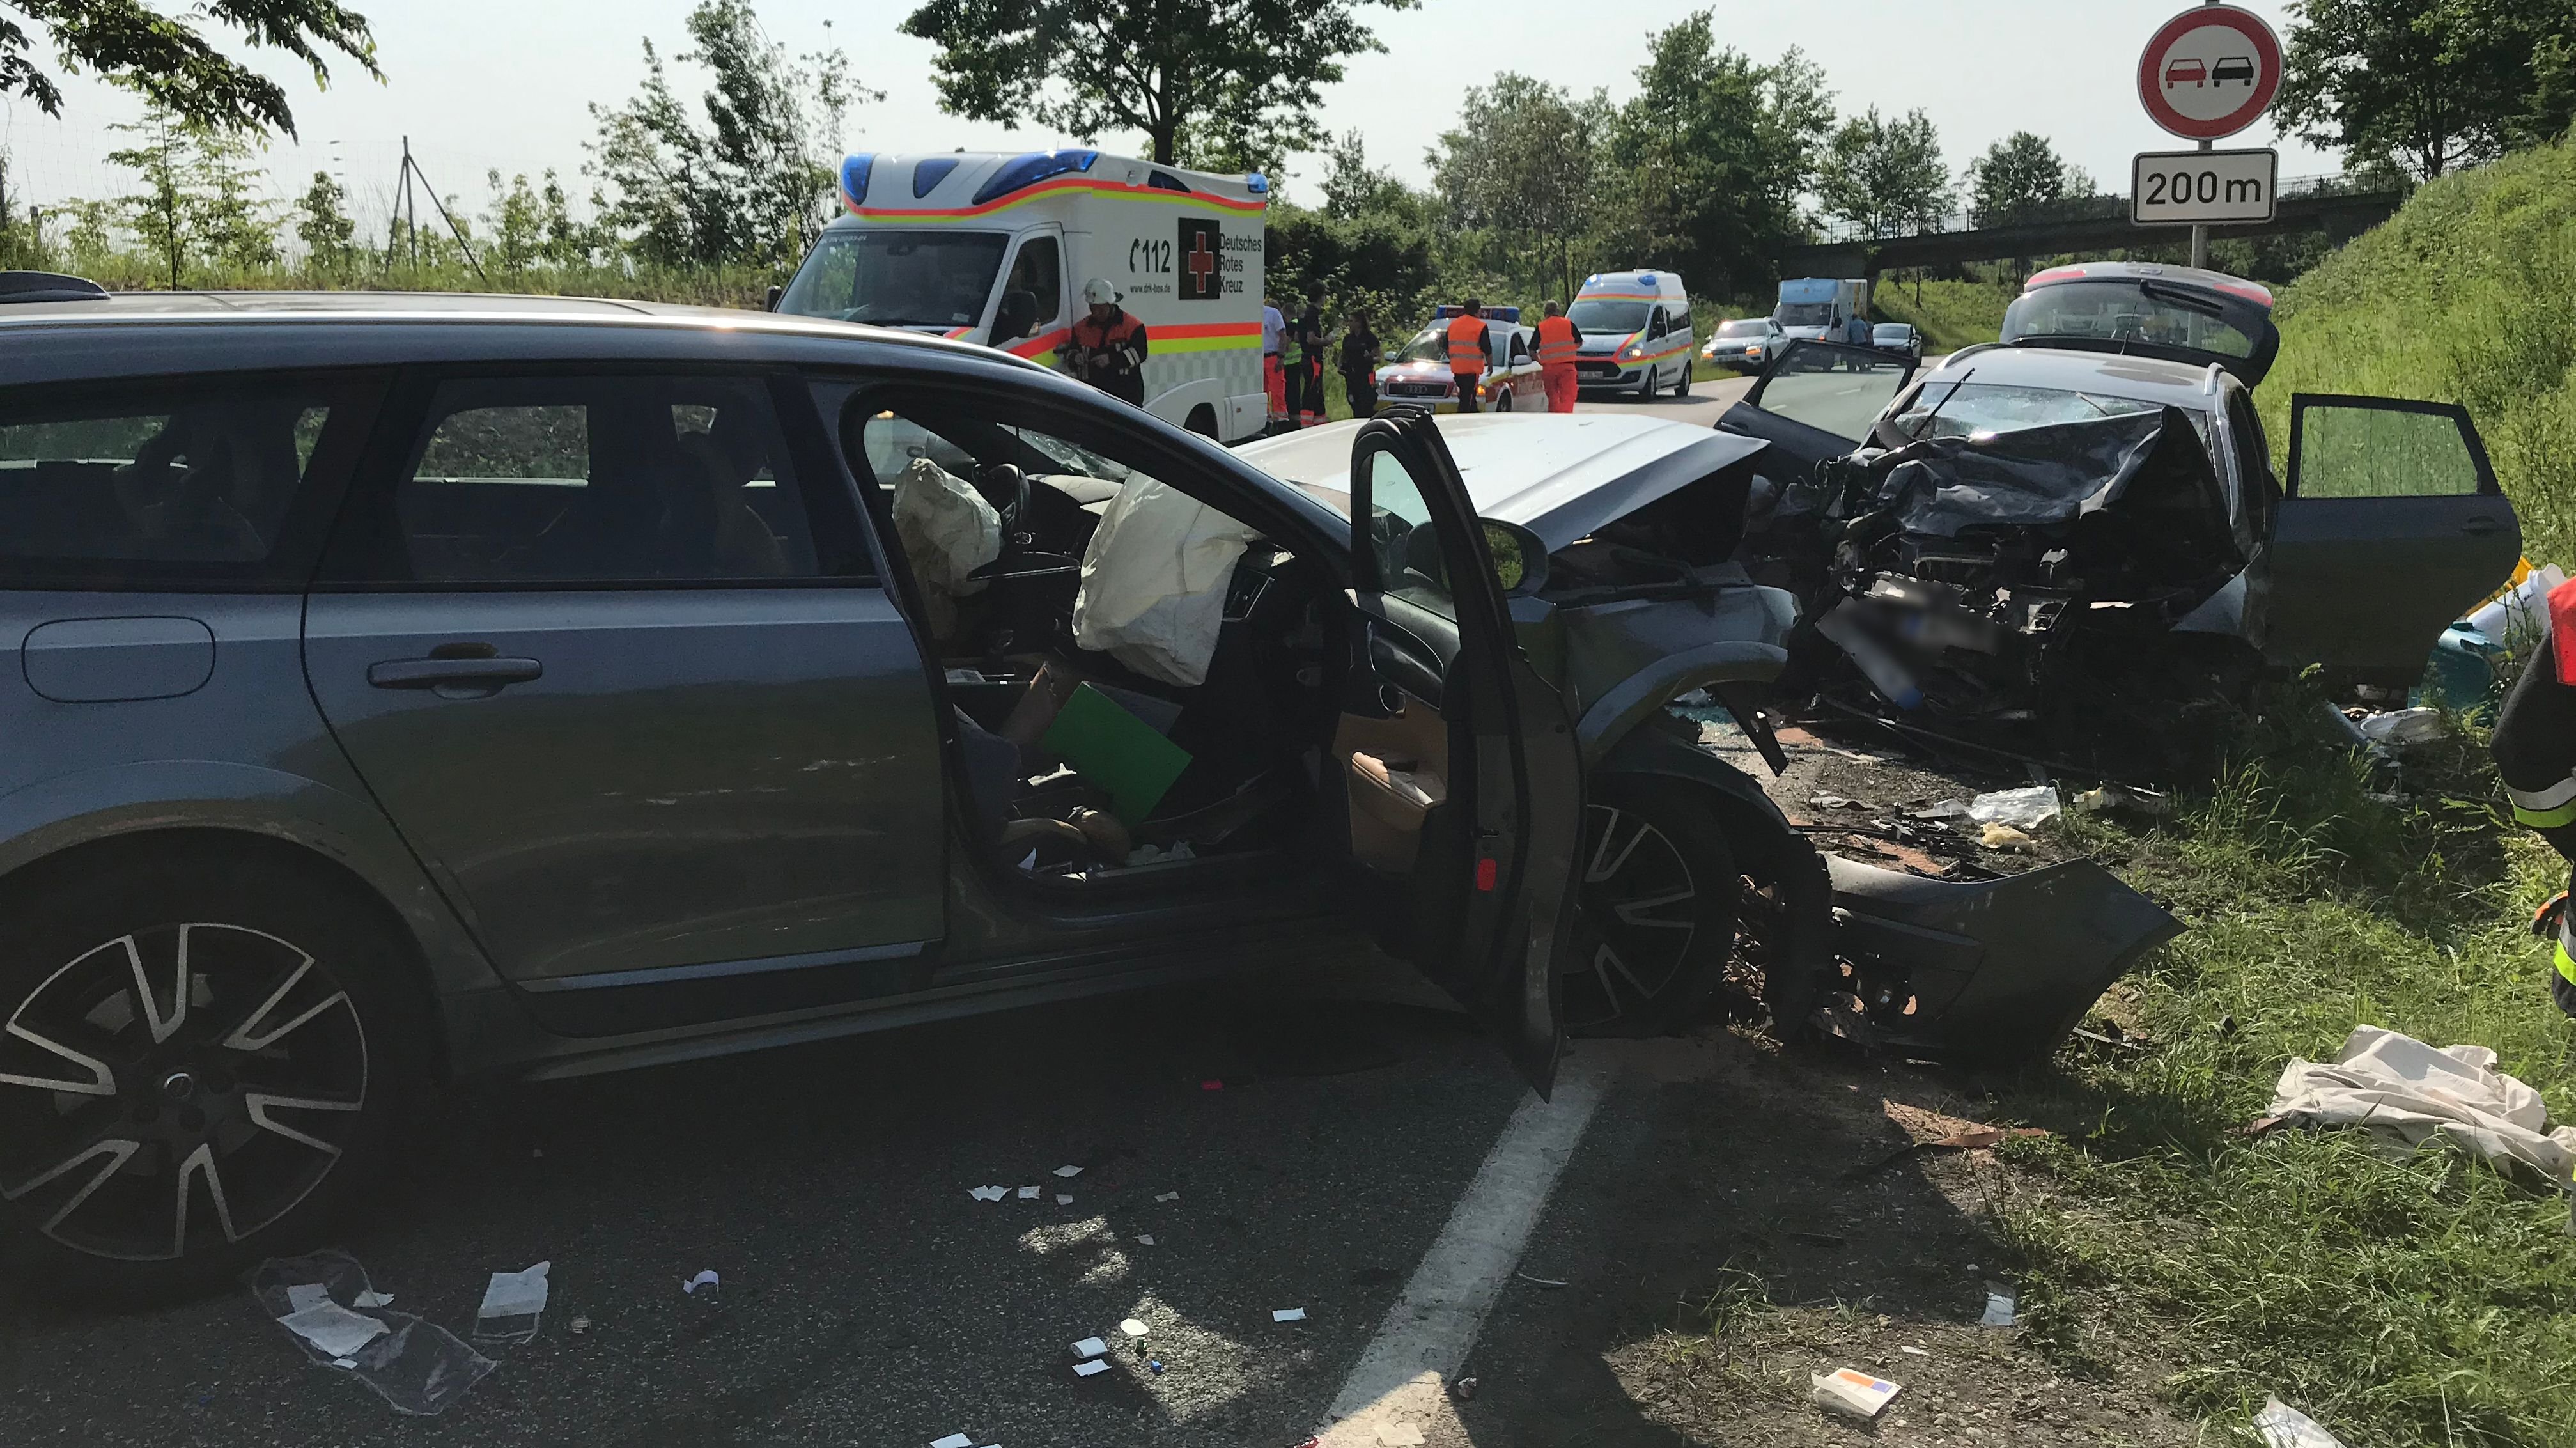 Zwei Unfallfahrzeuge auf der B31 bei Lindau - Rettungskräfte und Einsatzfahrzeuge im Hintergrund